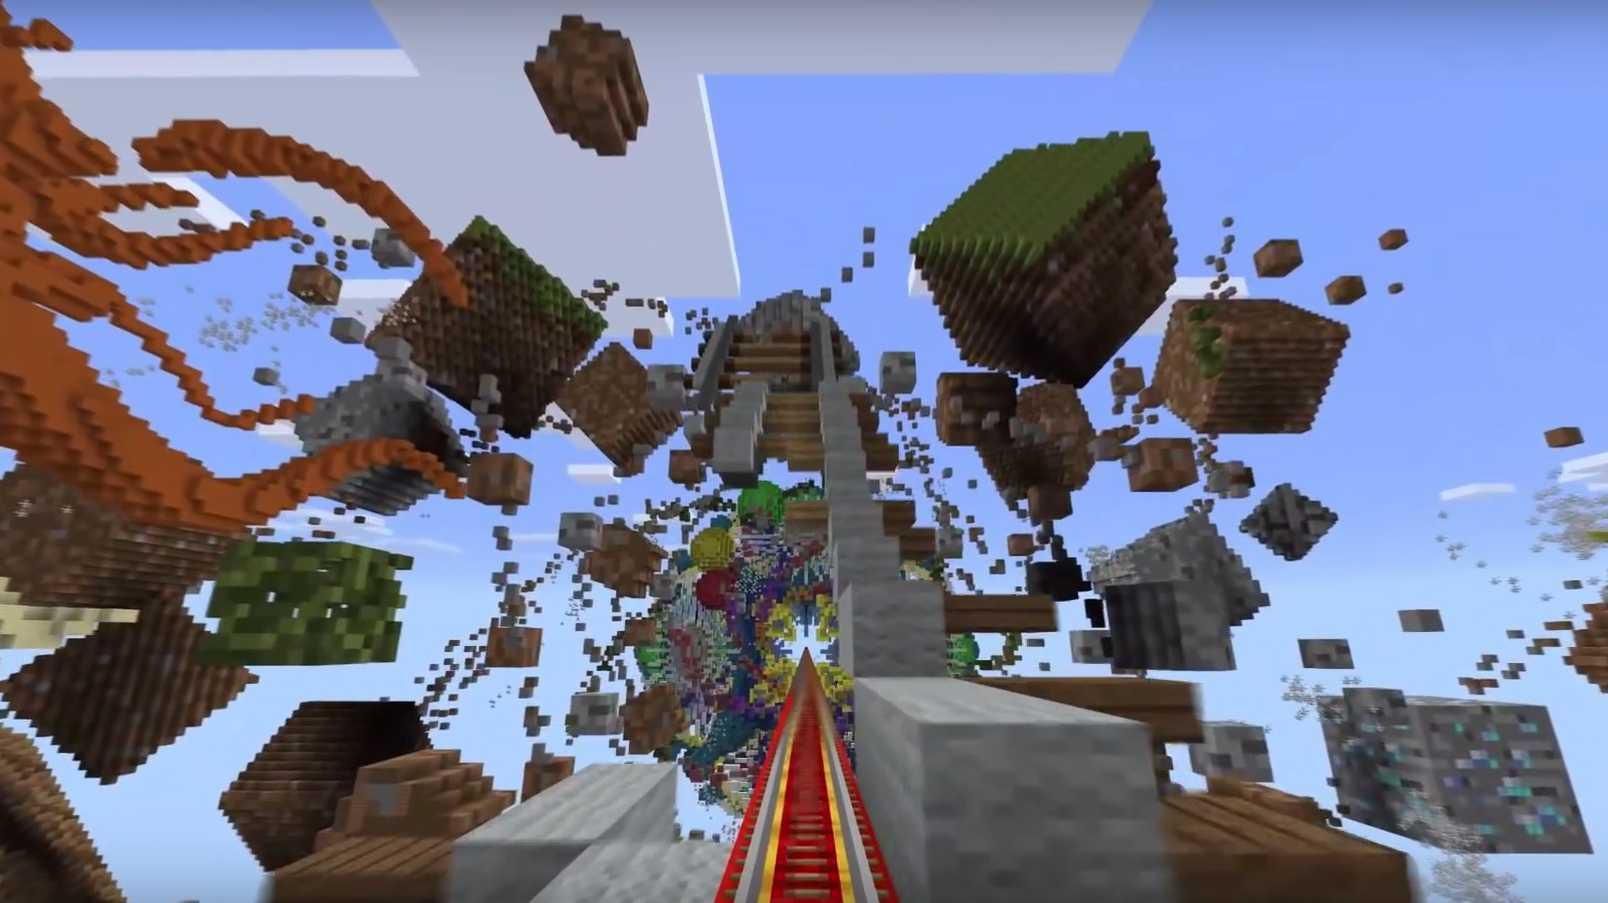 VR-Spiel: Minecraft erscheint demnächst für Oculus Rift